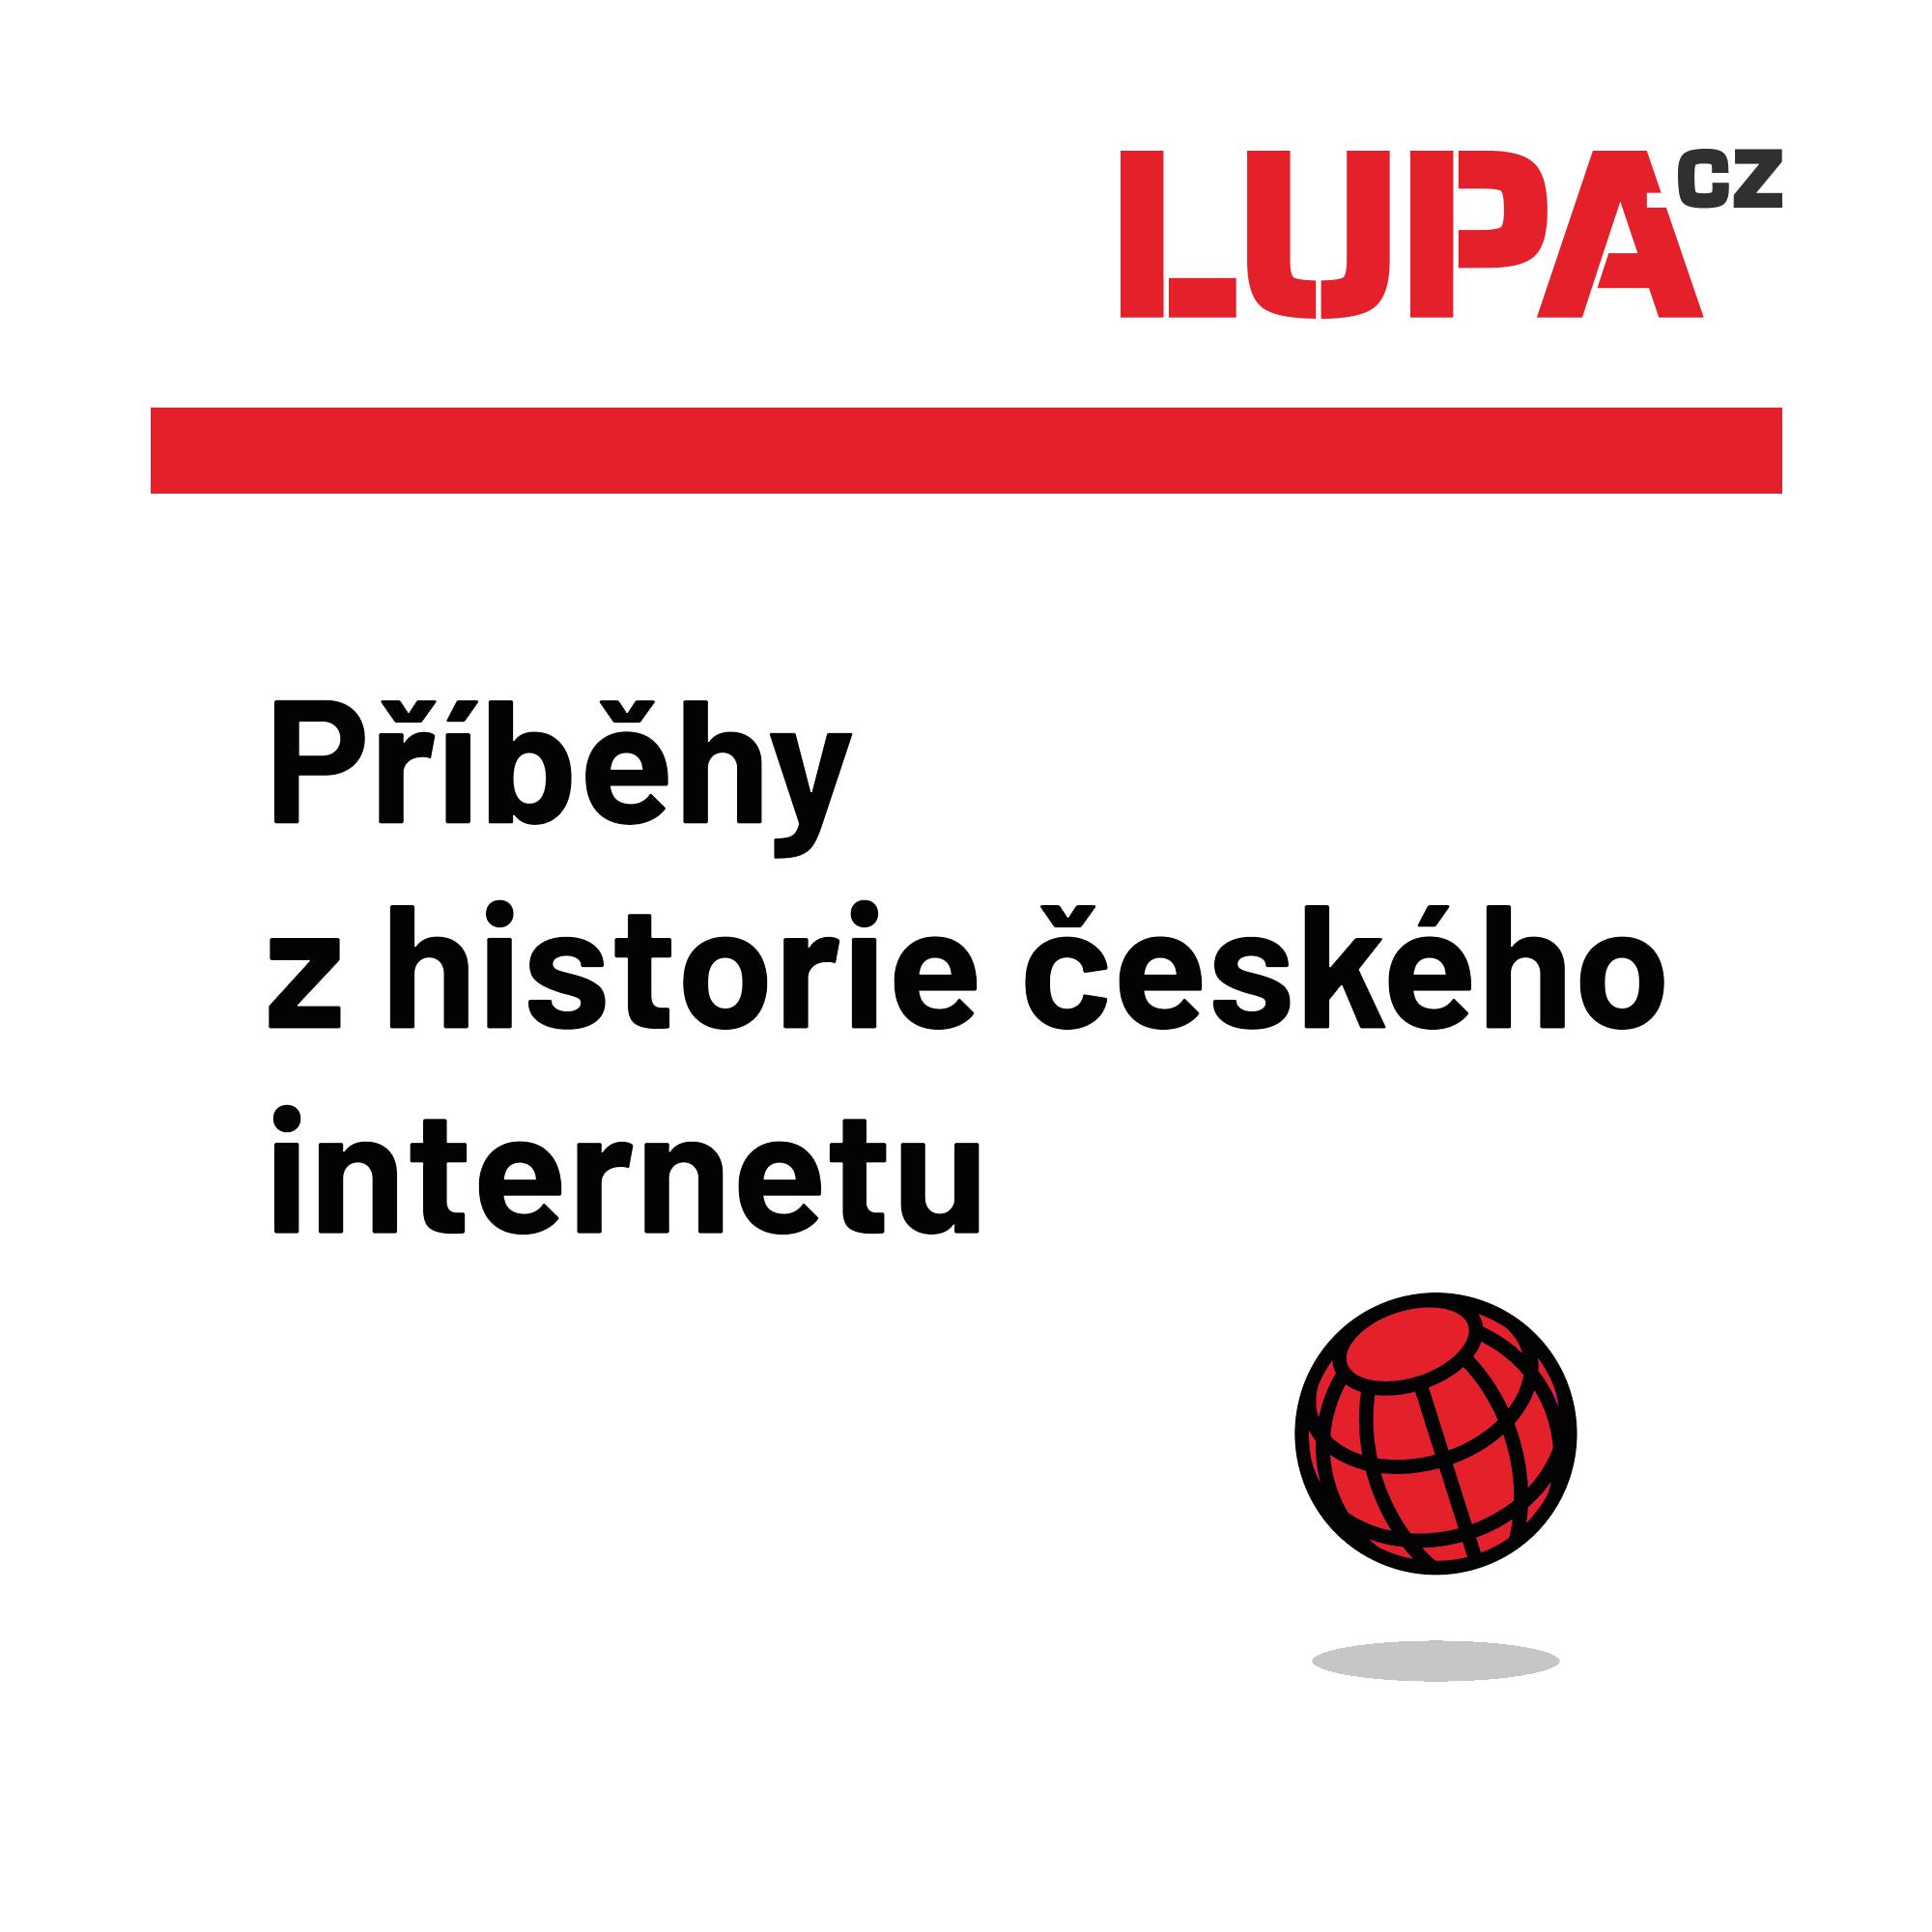 Příběhy z historie českého internetu: Hardwarový MacGyver ze Seznamu